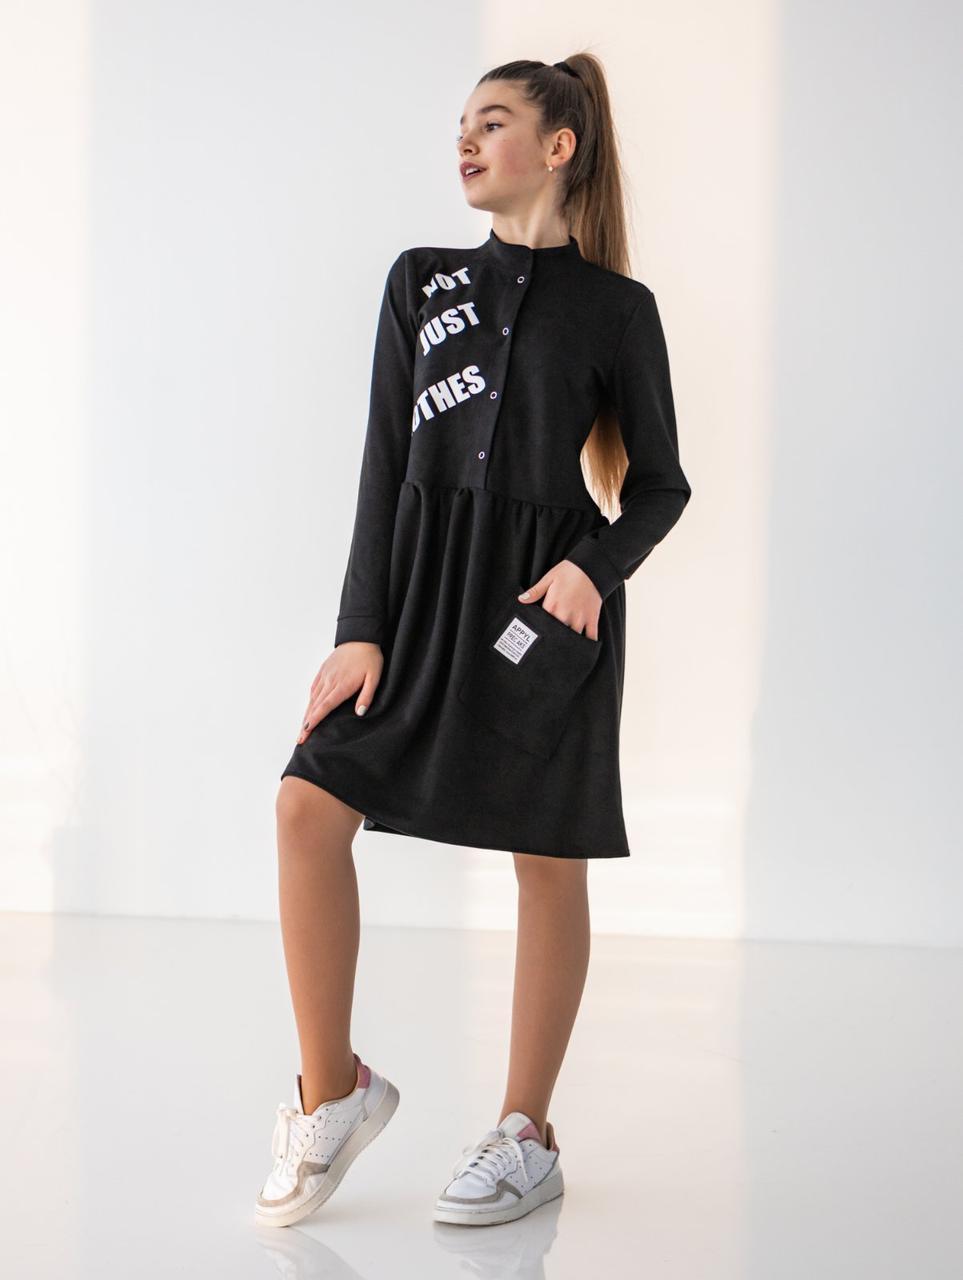 Підліткові сукні нарядні дитячі для дівчаток